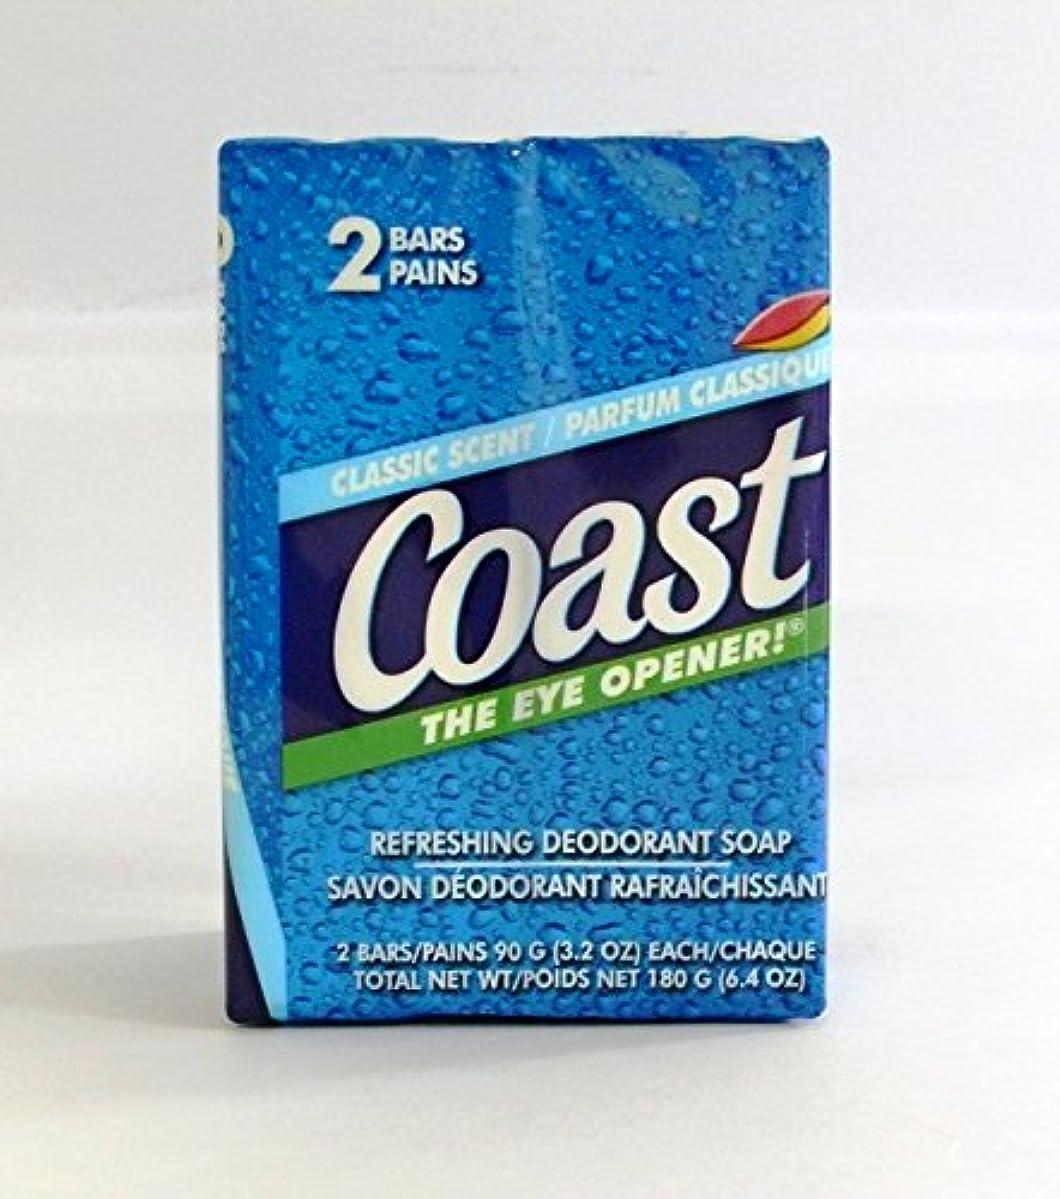 デッド星テロコースト 固形石鹸 クラシックセント 90g 2個入